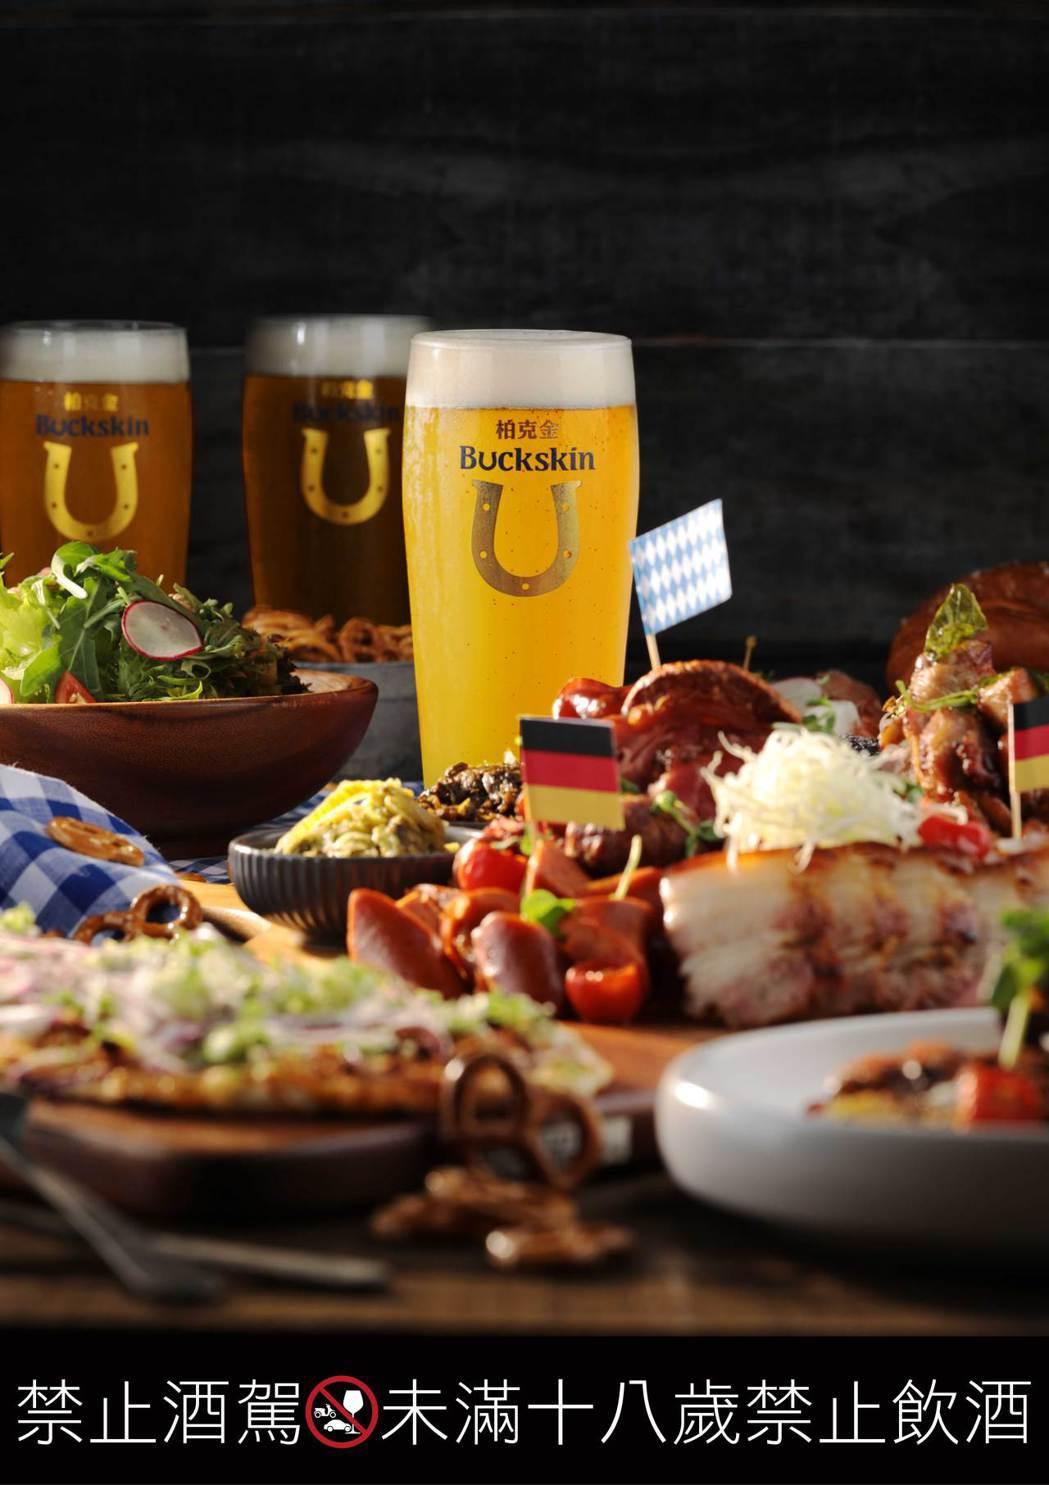 十月節慶啤酒十月節慶啤酒是專為了慕尼黑啤酒節而釀造,擁有拉格乾淨的發酵特性,飽滿...